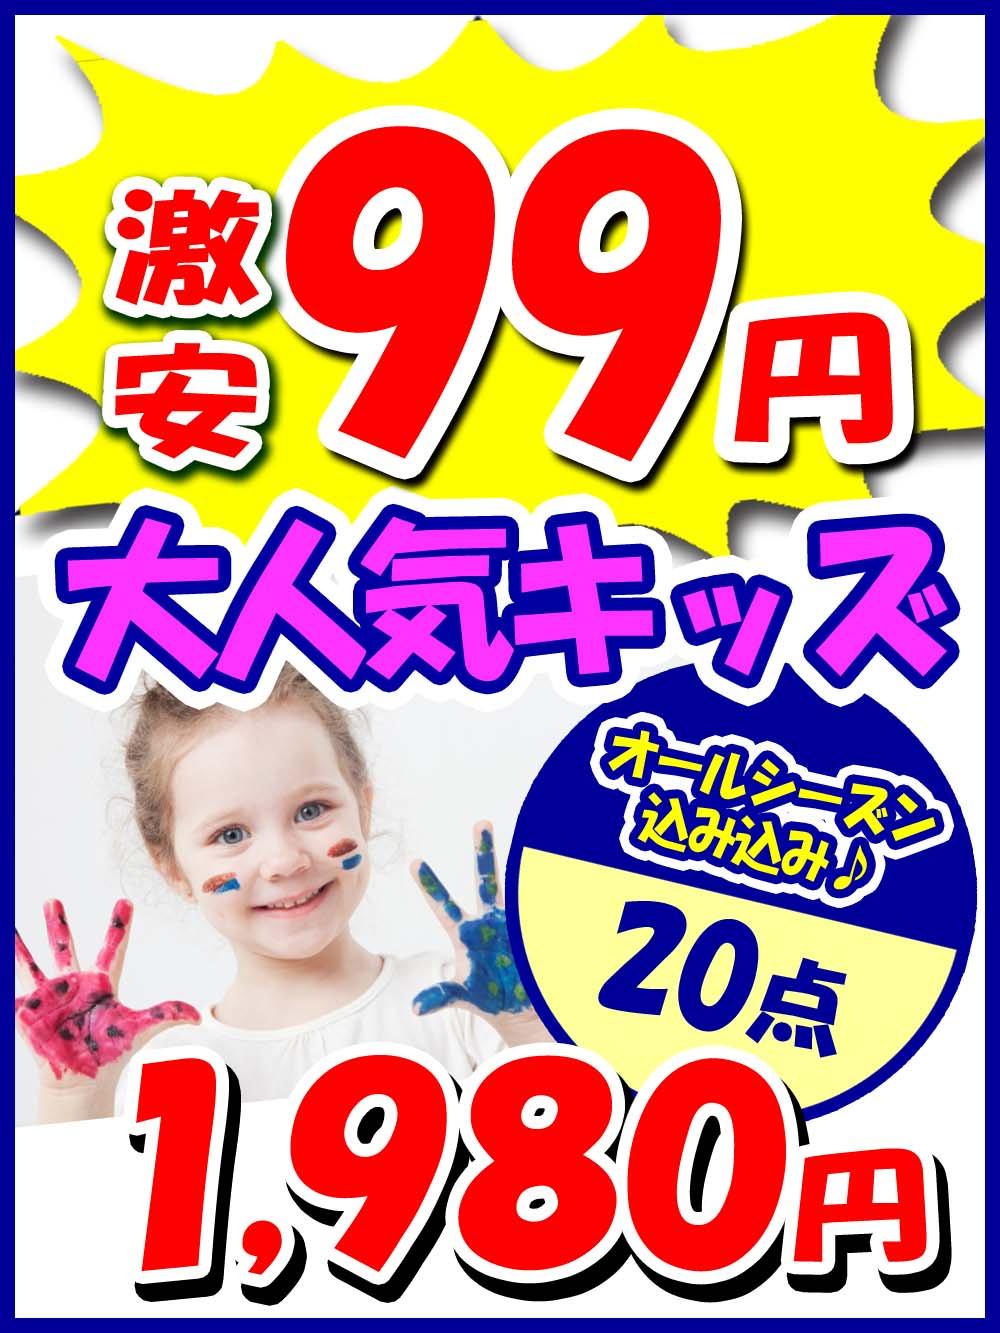 【キッズ再々入荷!】激安99円!オールシーズン込々アラカルト【20点】@99